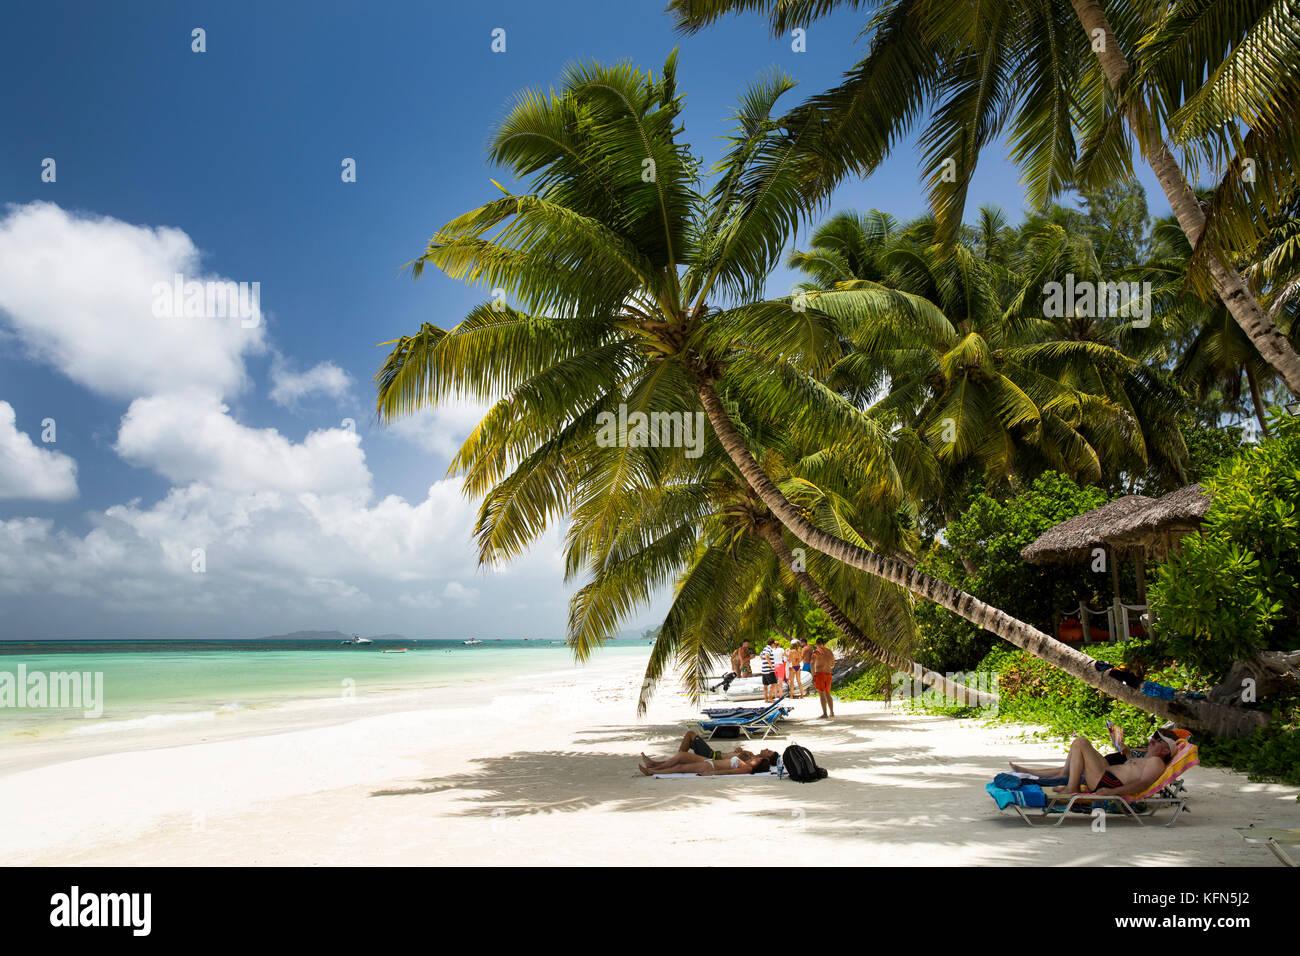 Delle Seychelles, Praslin, Anse Volbert, spiaggia, i turisti a prendere il sole in ombra delle palme Immagini Stock